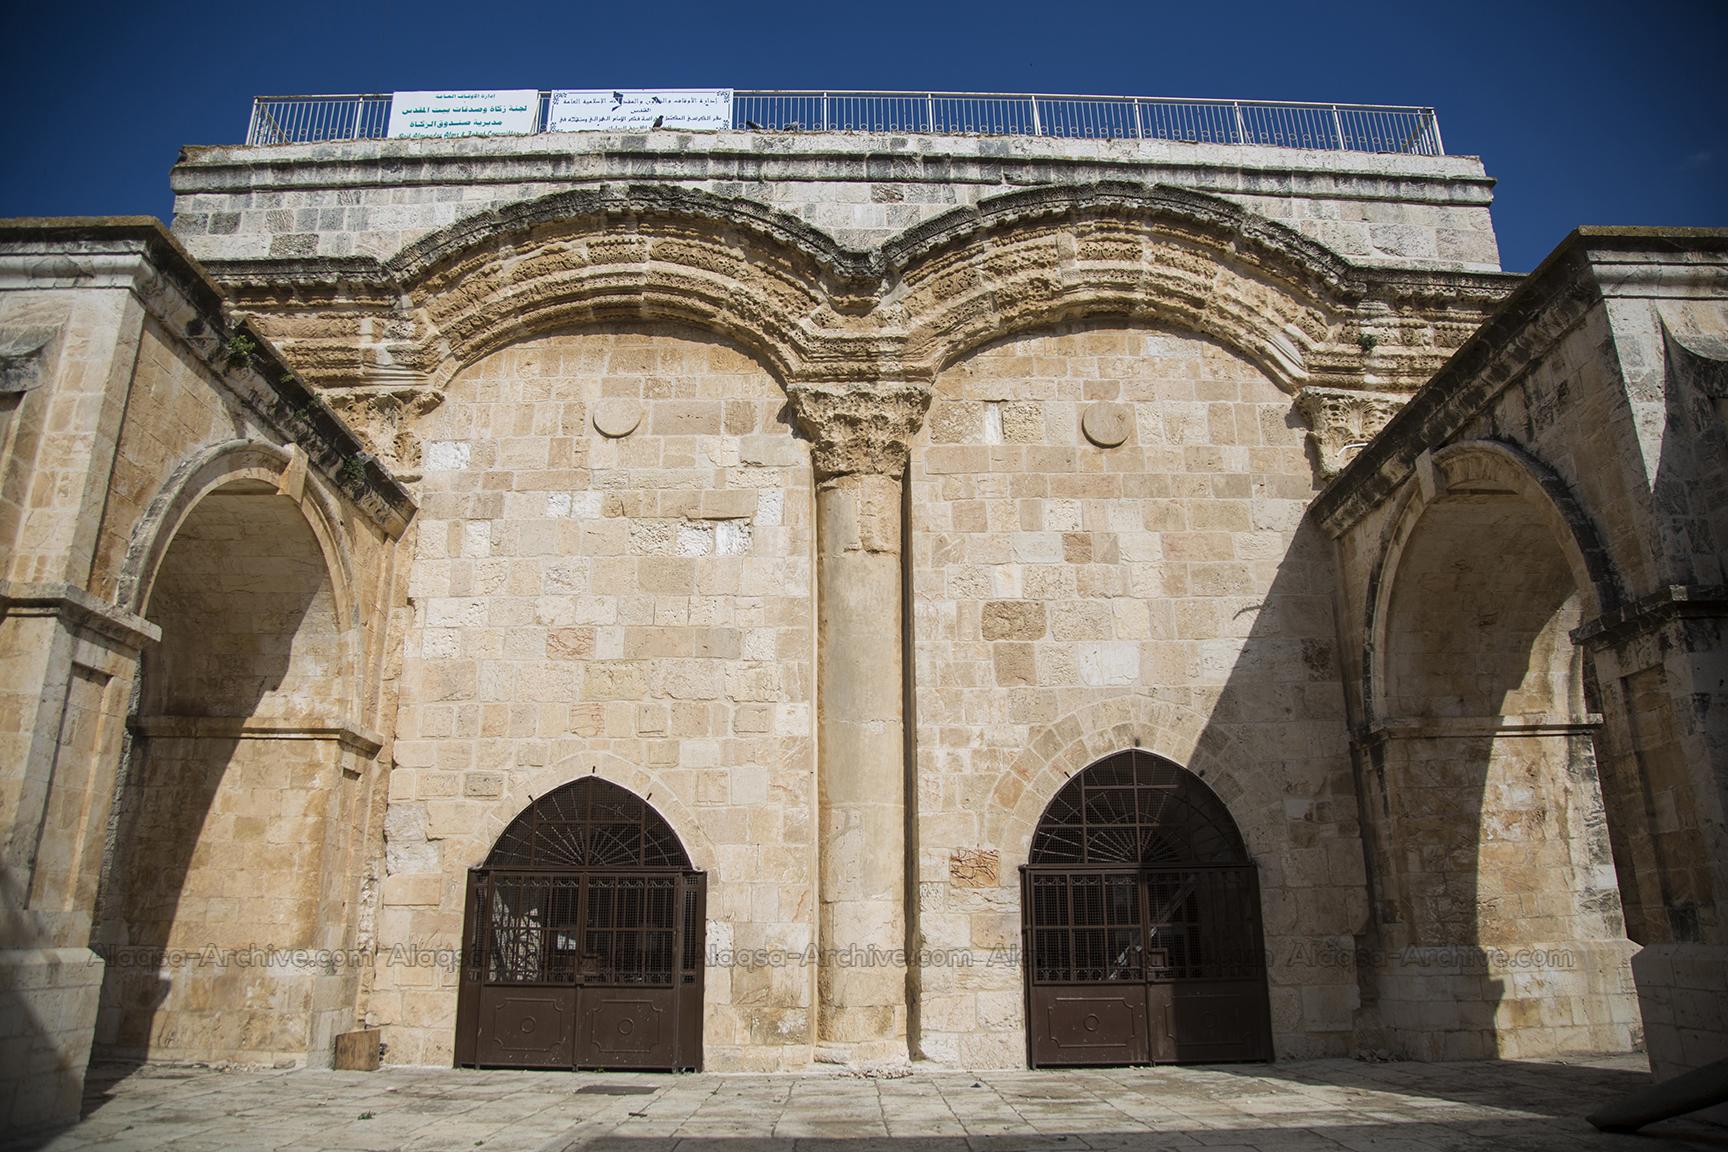 الأردن يرفض إغلاق باب الرحمة بقرار قضائي إسرائيلي